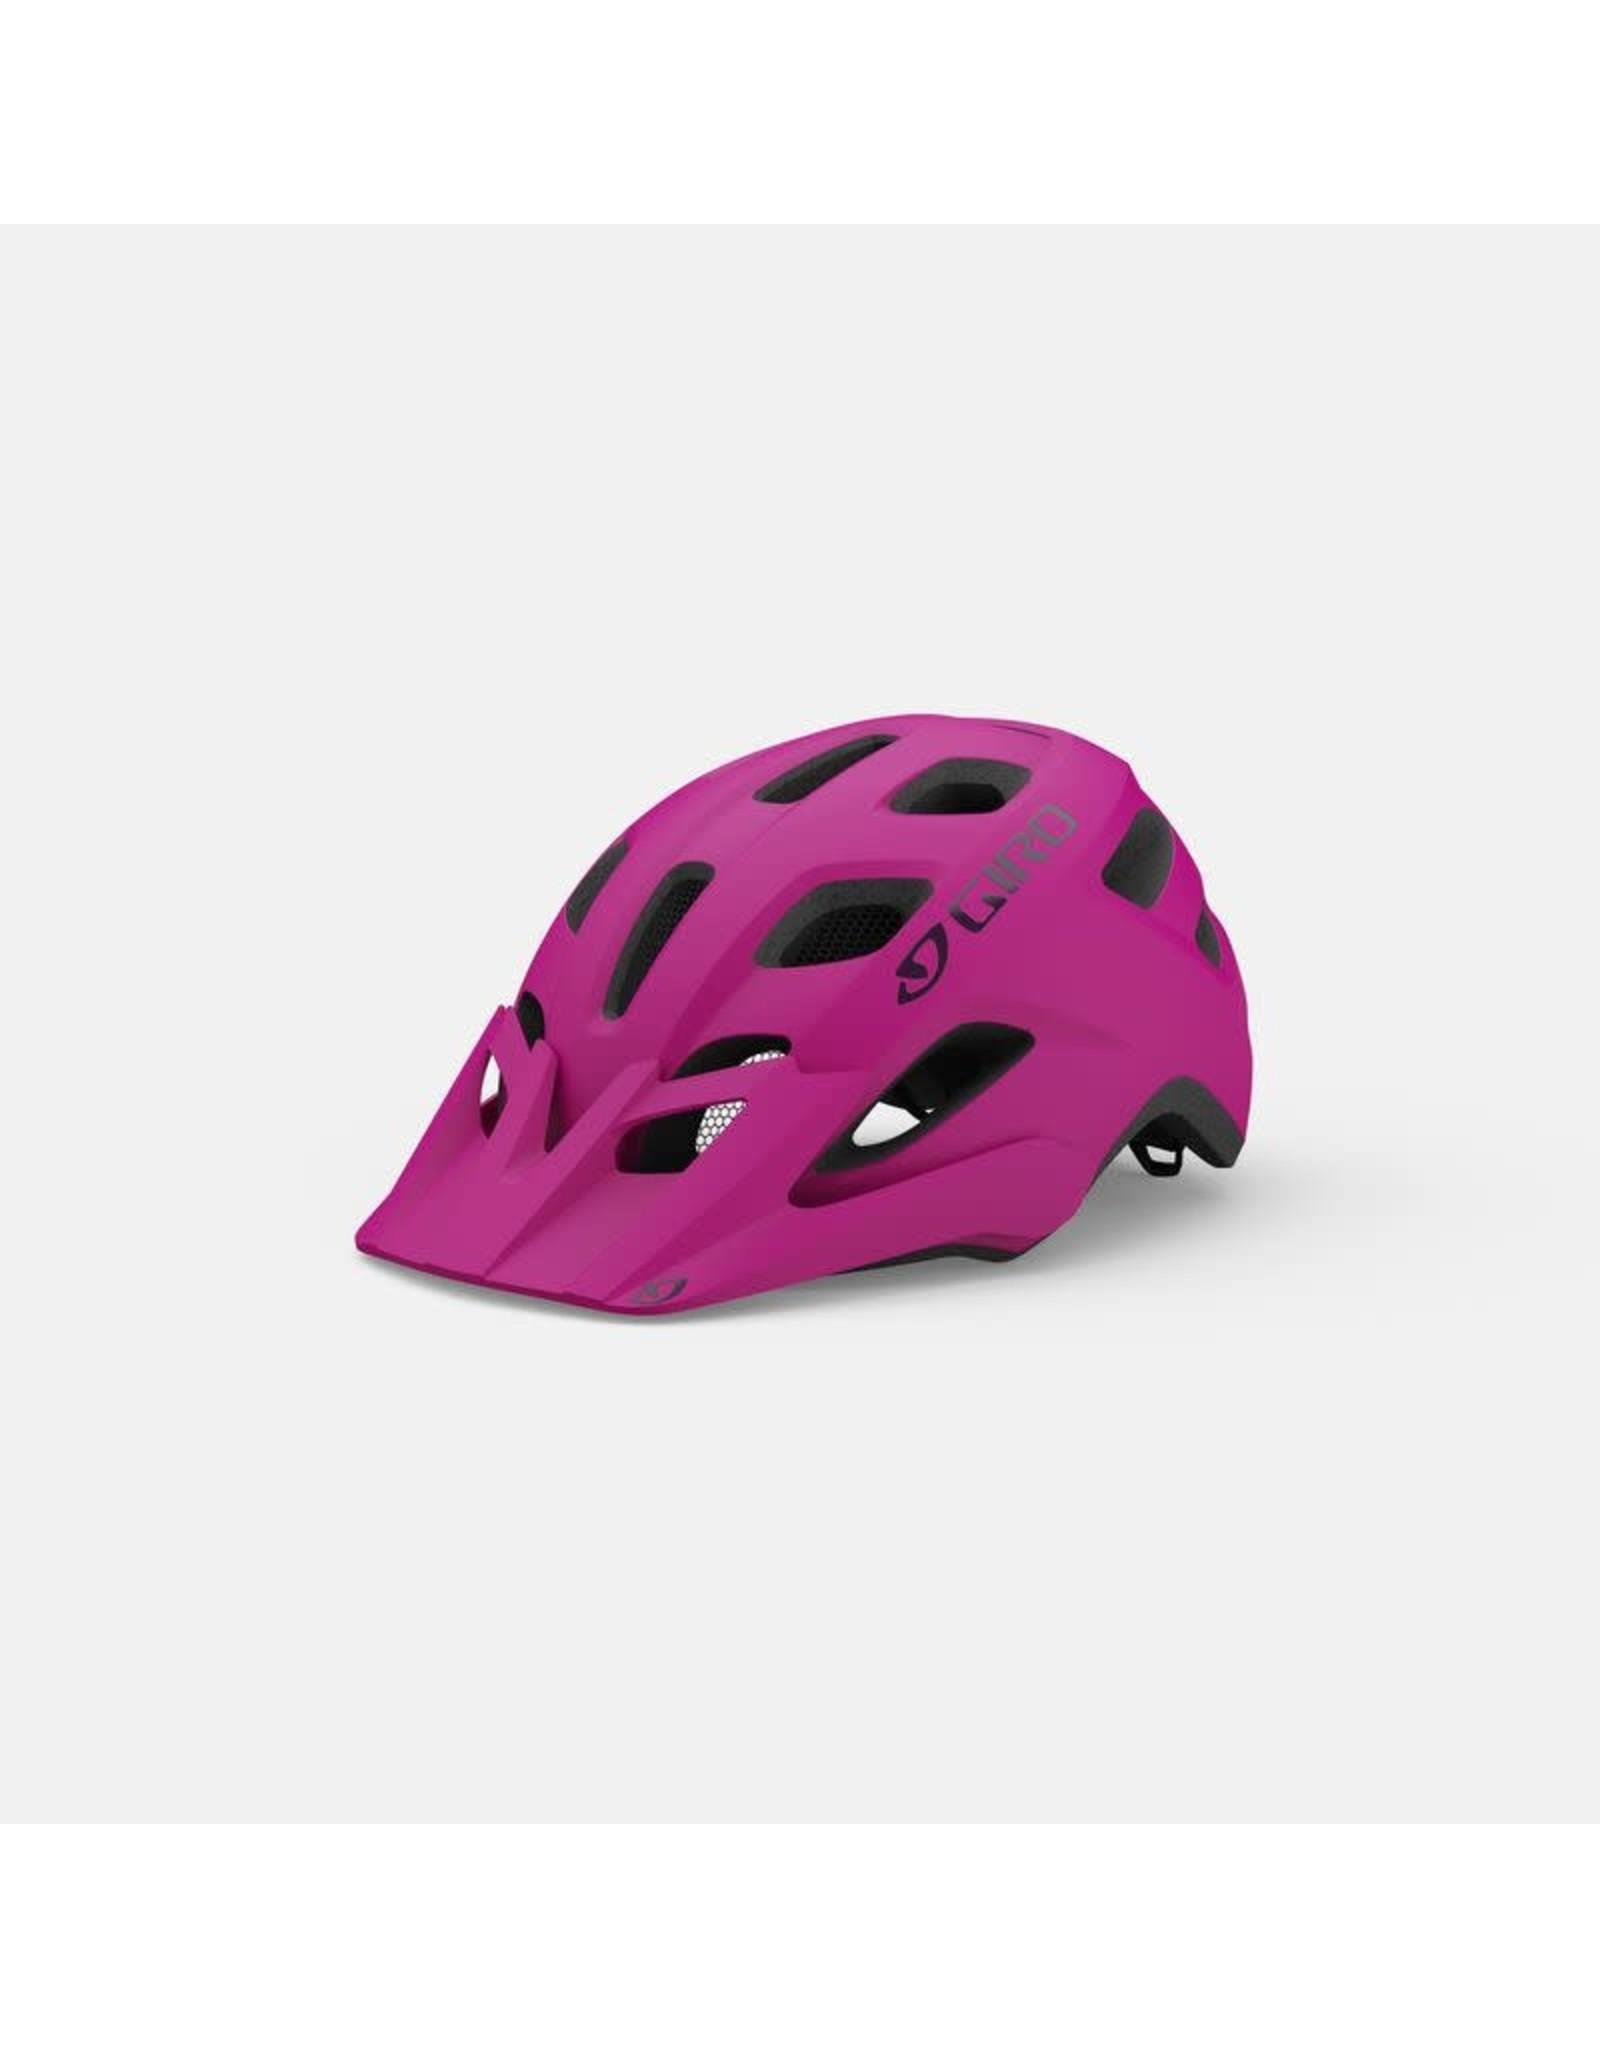 Giro Giro Tremor Child